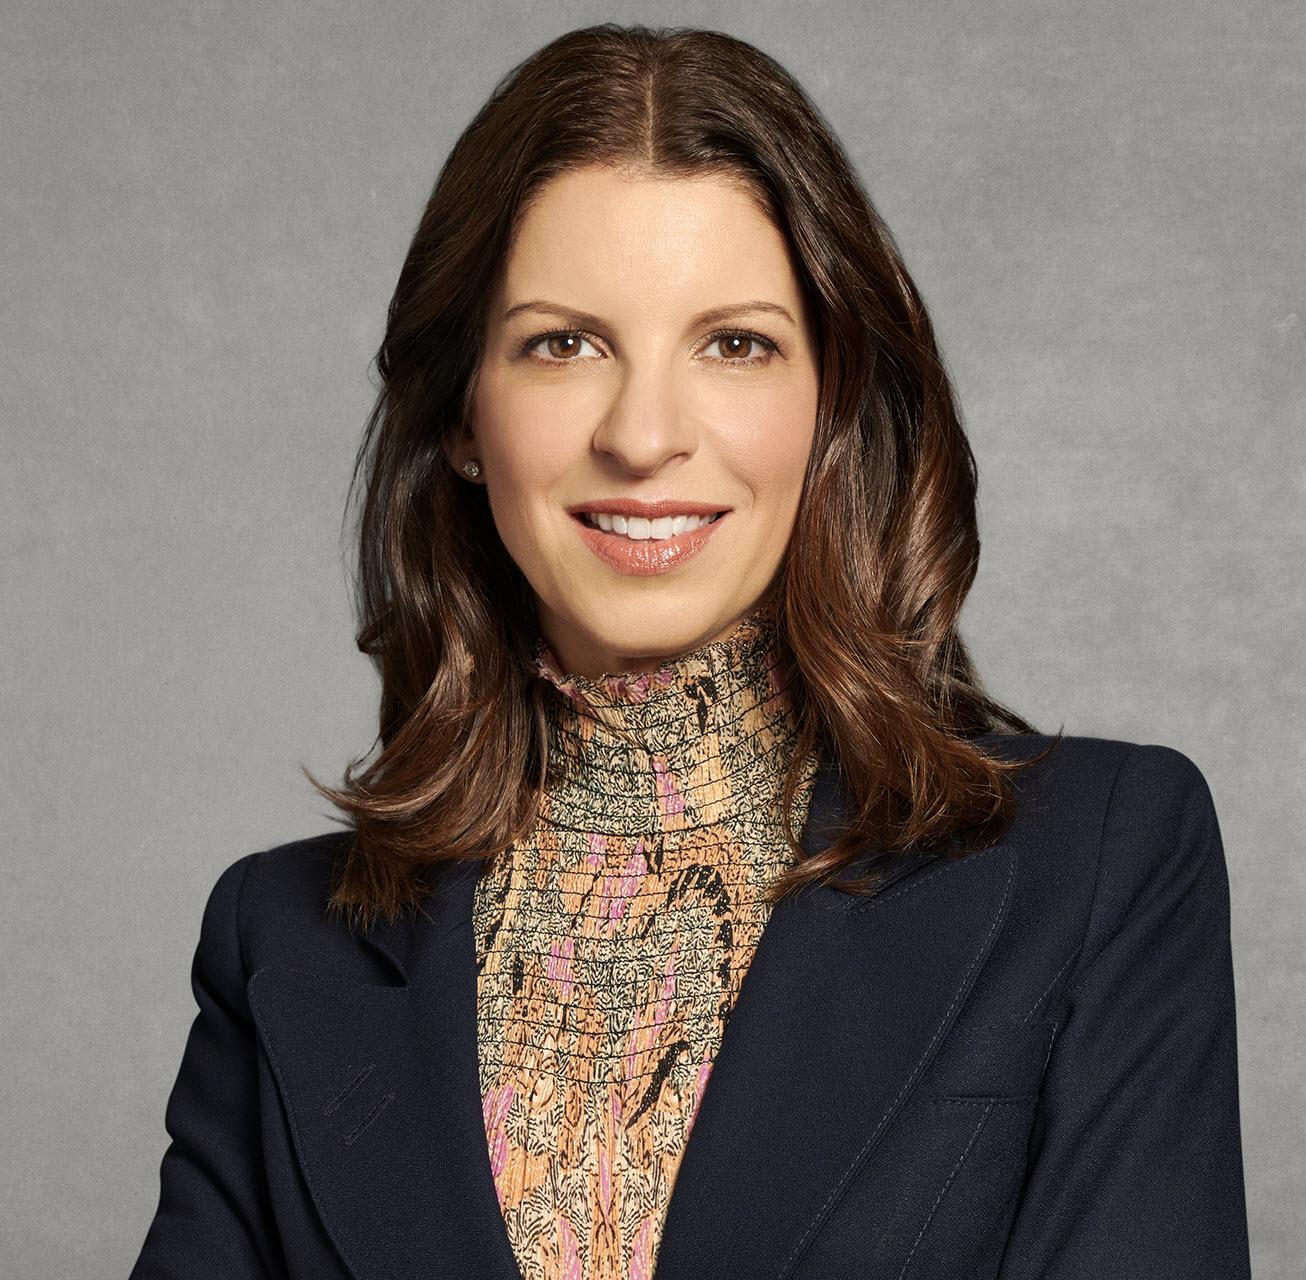 Georgia Juvelis